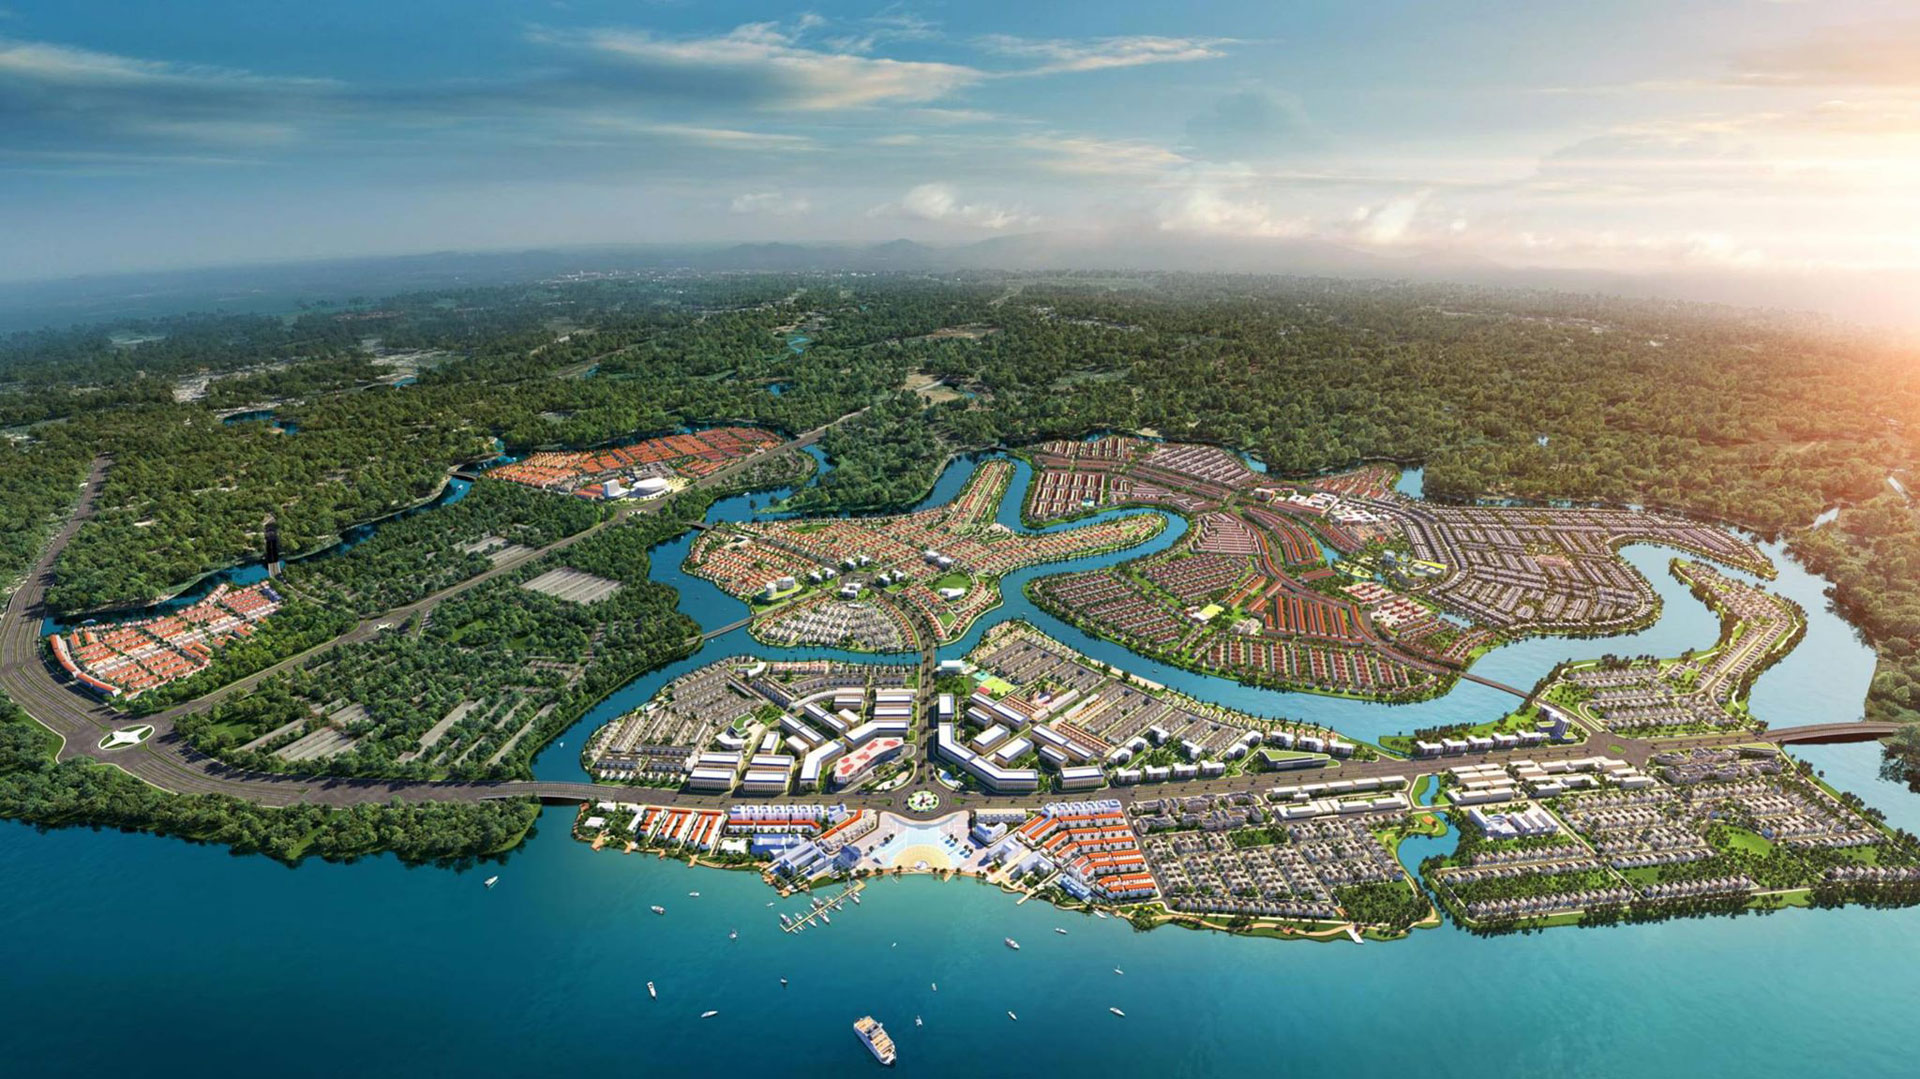 tổng quan về dự án Aqua City đảo Phụng Hoàng